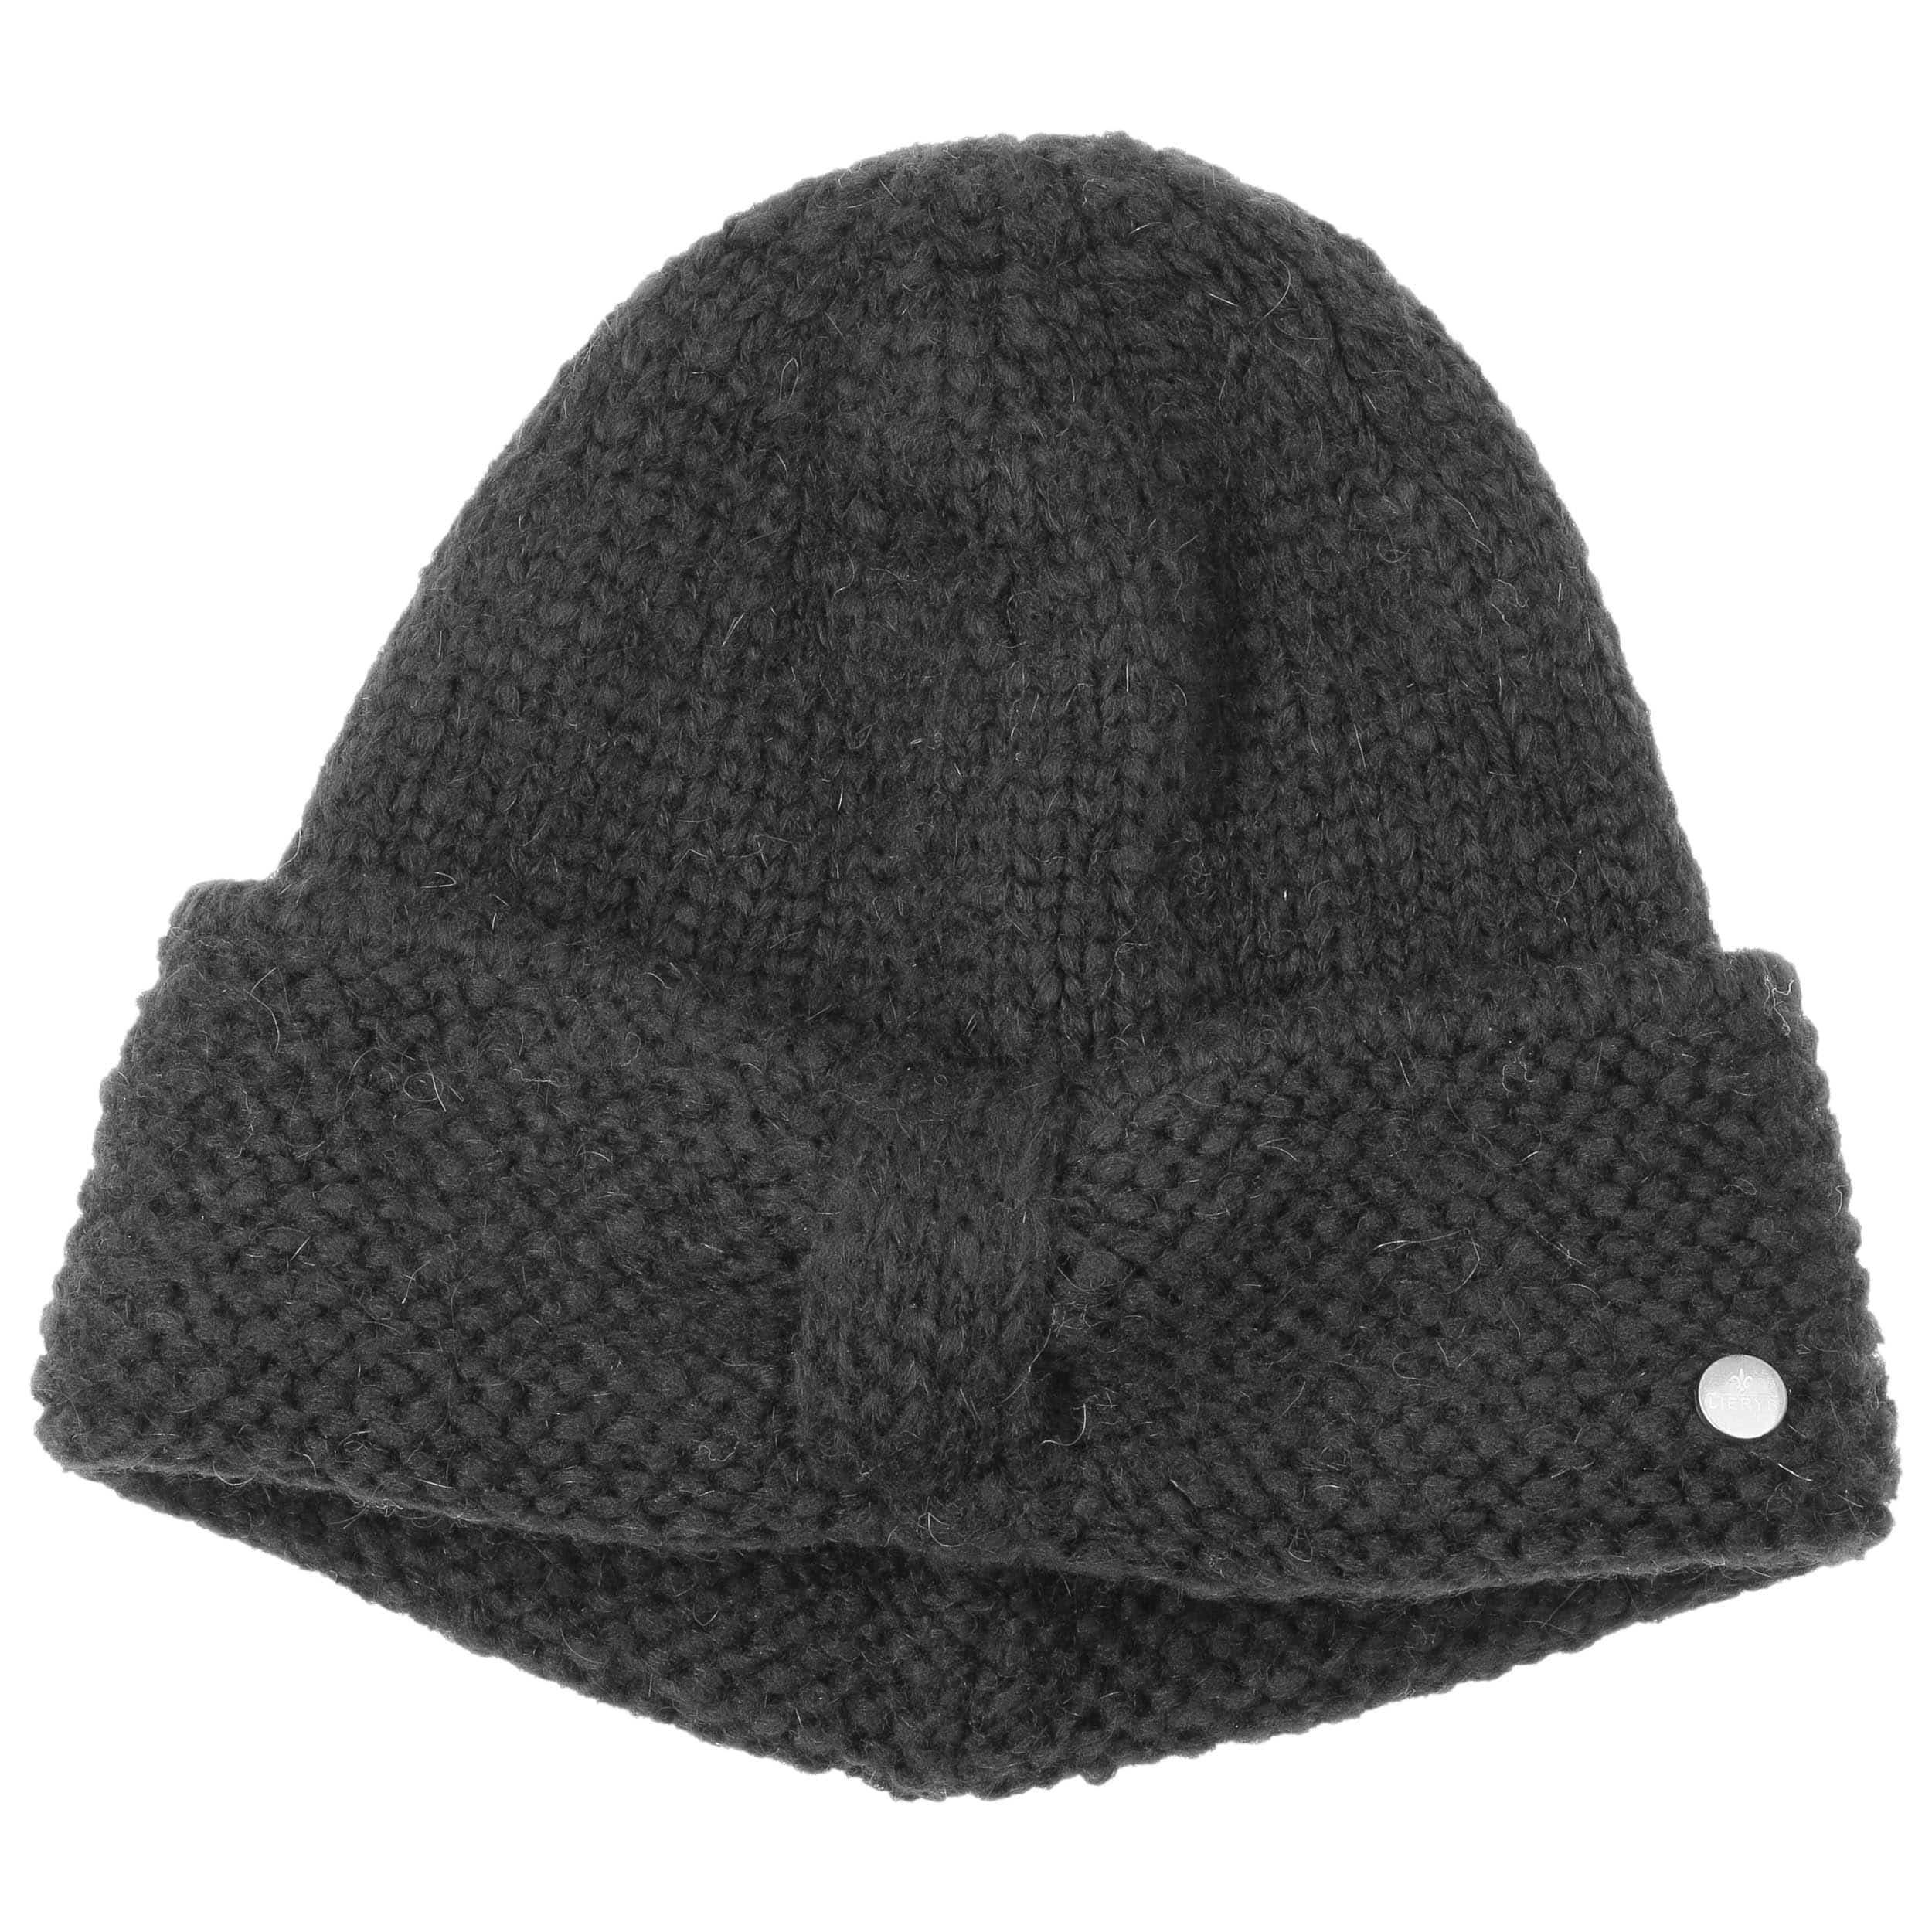 Classico Knit Hat by Lierys Cloth hats Lierys Lktz2d1